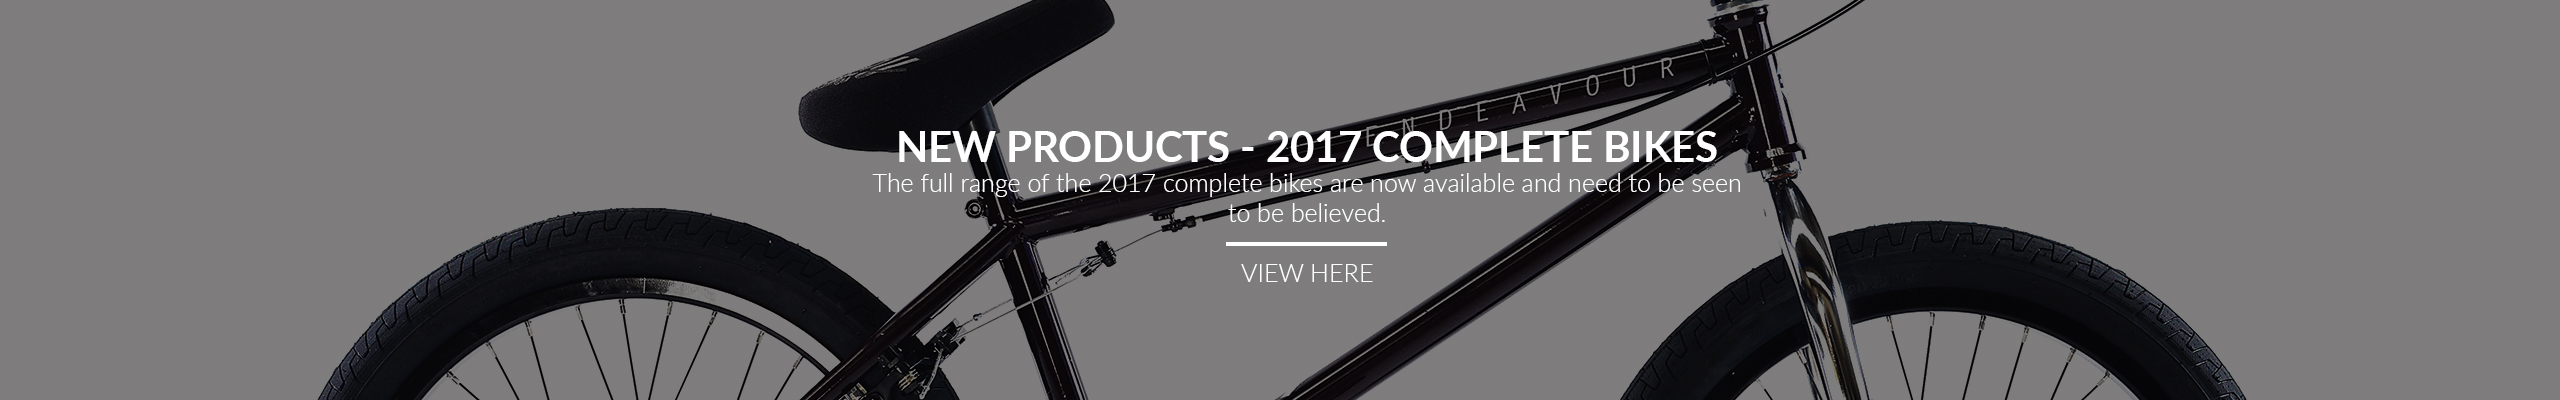 2017 Complete Bikes promo